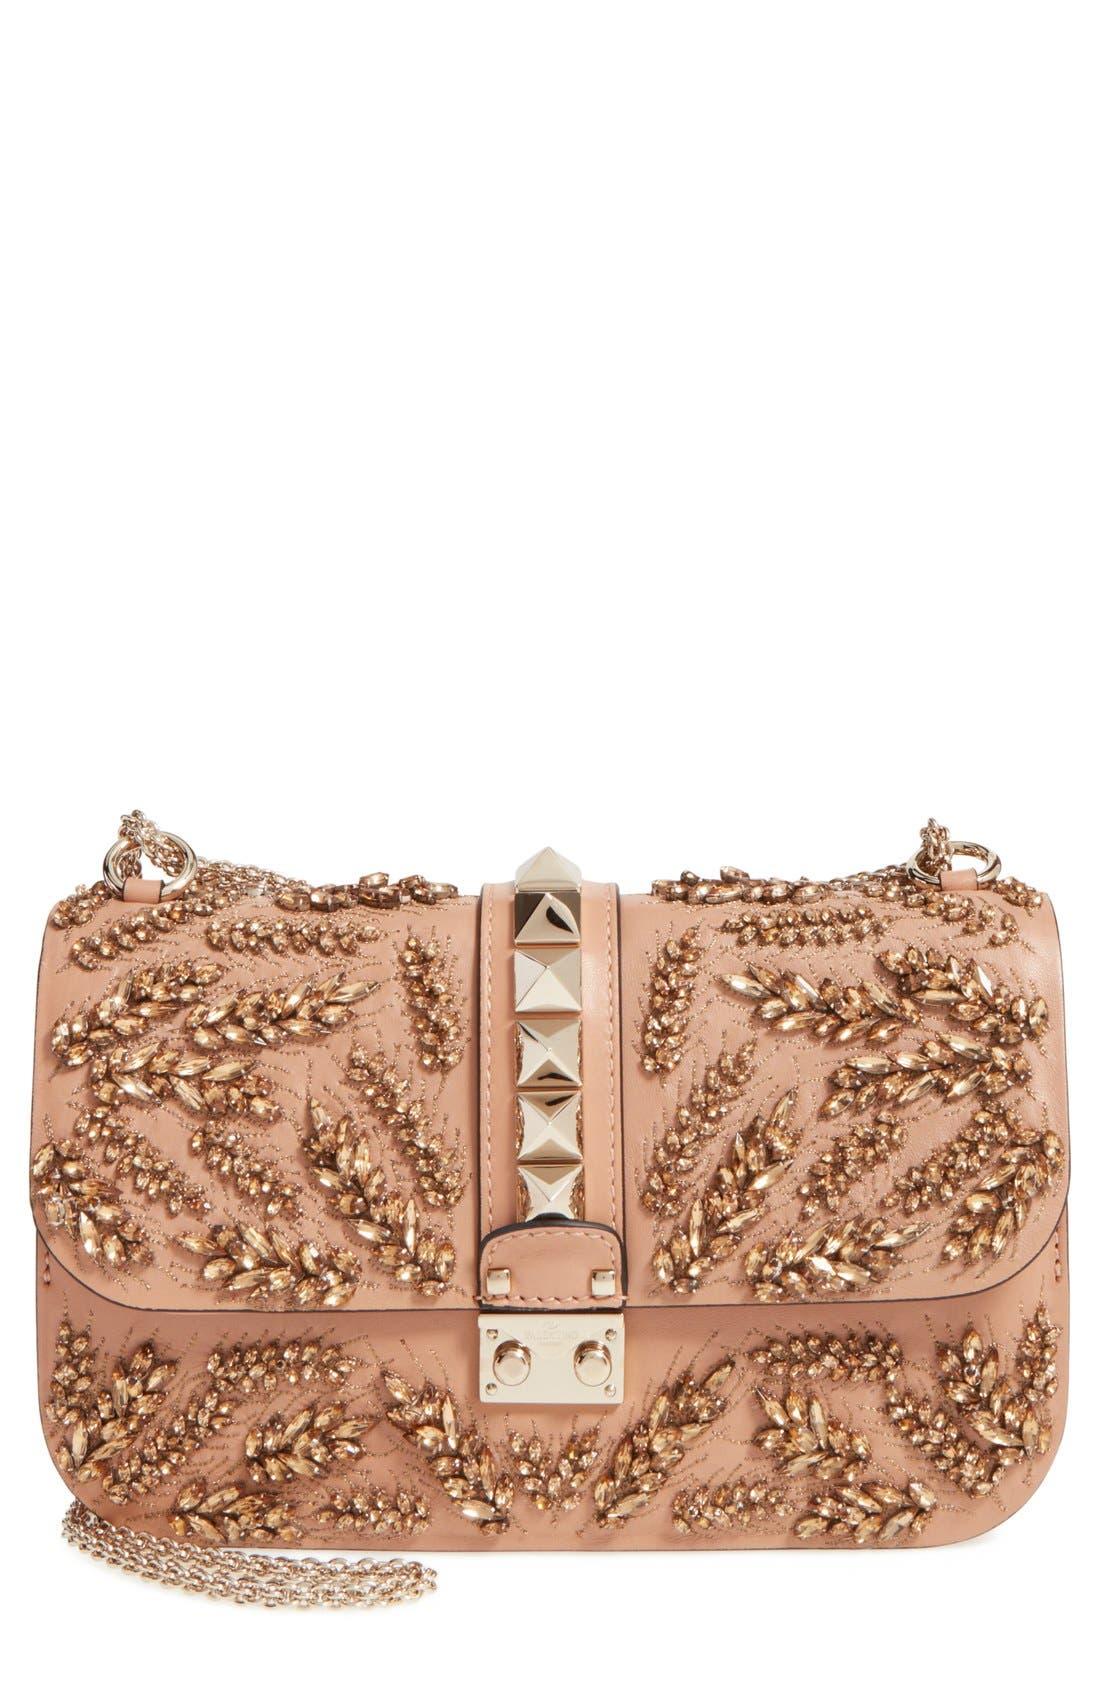 Alternate Image 1 Selected - Valentino 'Rockstud Embellished - Medium Lock' Leather Shoulder Bag